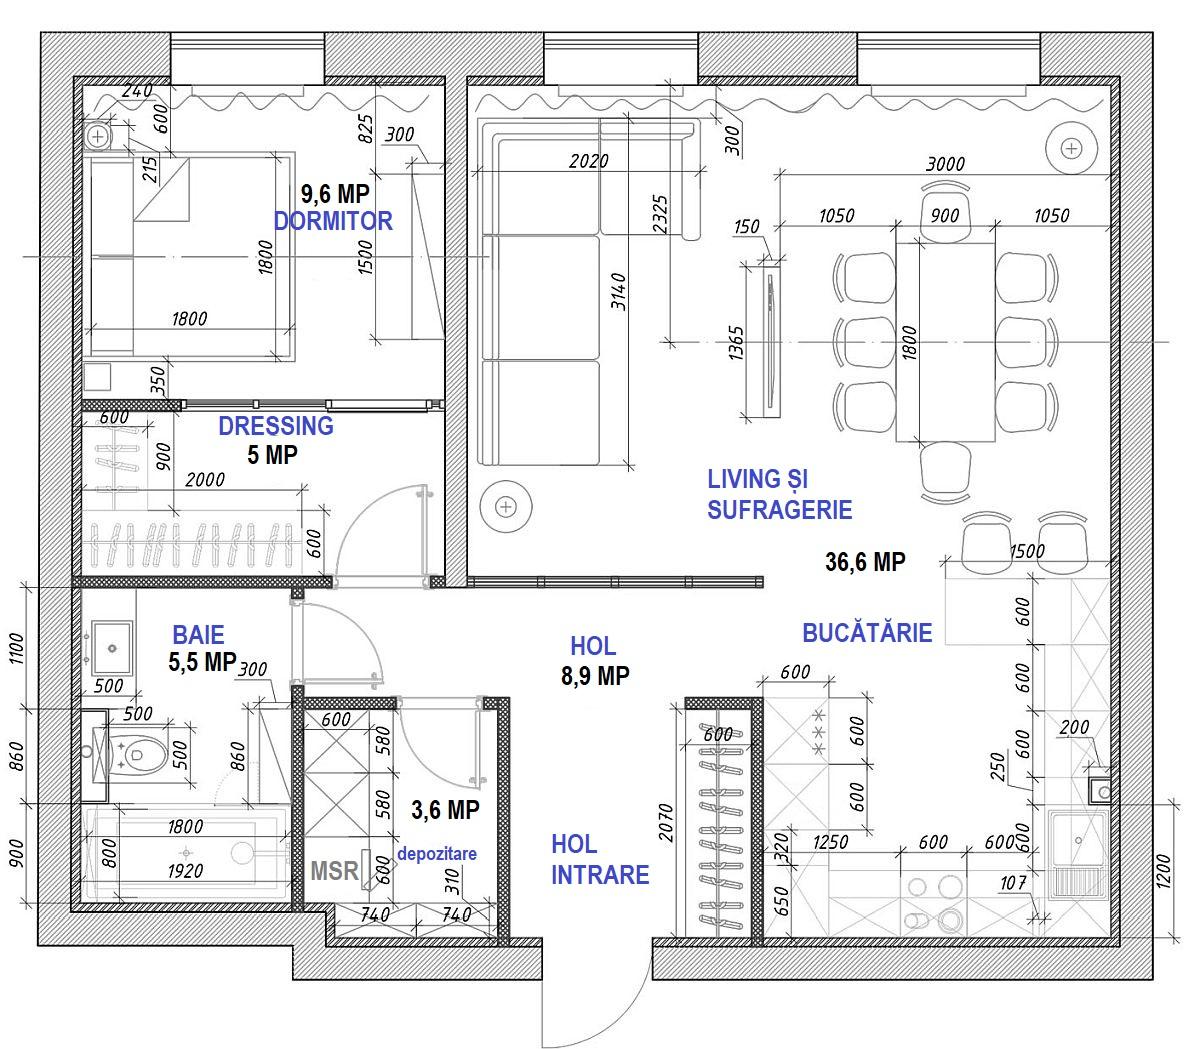 Locuința a fost remodelatăîn zona de zi. Inițial toată zona de zi era deschisă, dar designerii au separat-o în trei funcțiuni: living, sufragerie și bucătărie. Importante sunt spațiile de depozitare. În dreptul dormitorului o parte din hol a fost trasformată în dressing, iar în zona holului de la intrare, cuierul a fost configurat sub forma unui dulap închis. De asemenea, lângă baie, un spațiu închis adăpostește mașina de spălat rufe, alături de alte spații de depozitare.